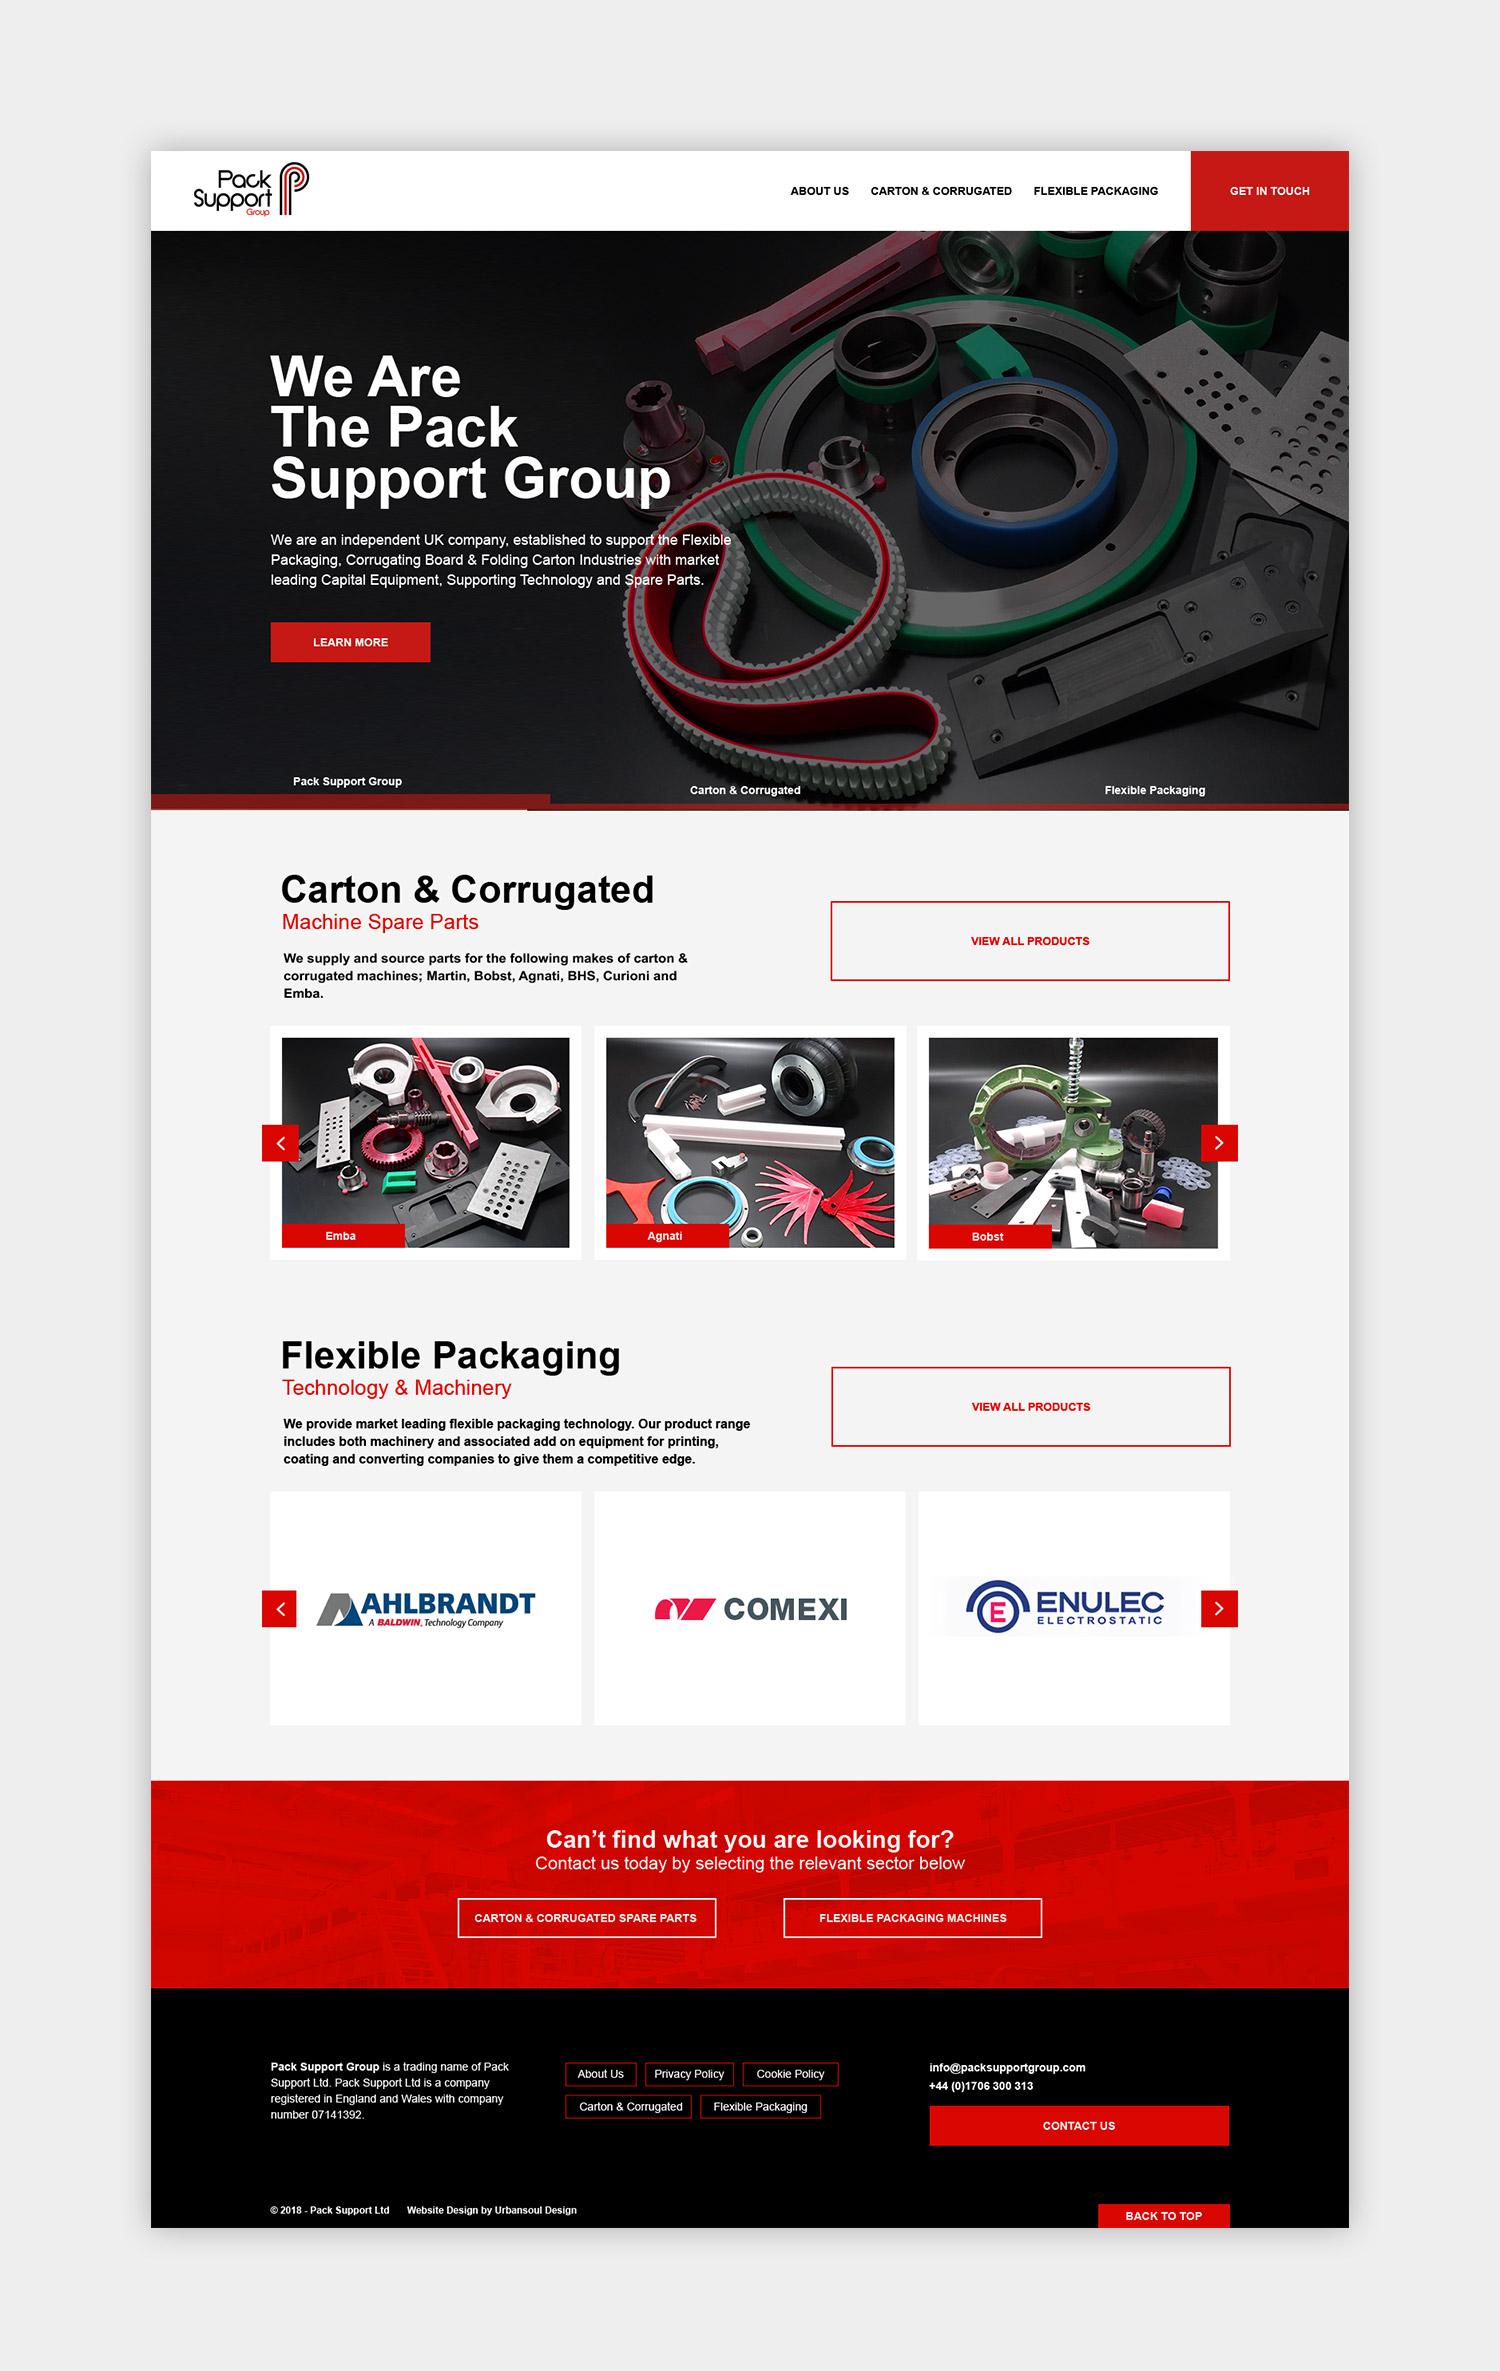 Pack Supoprt Group full website design